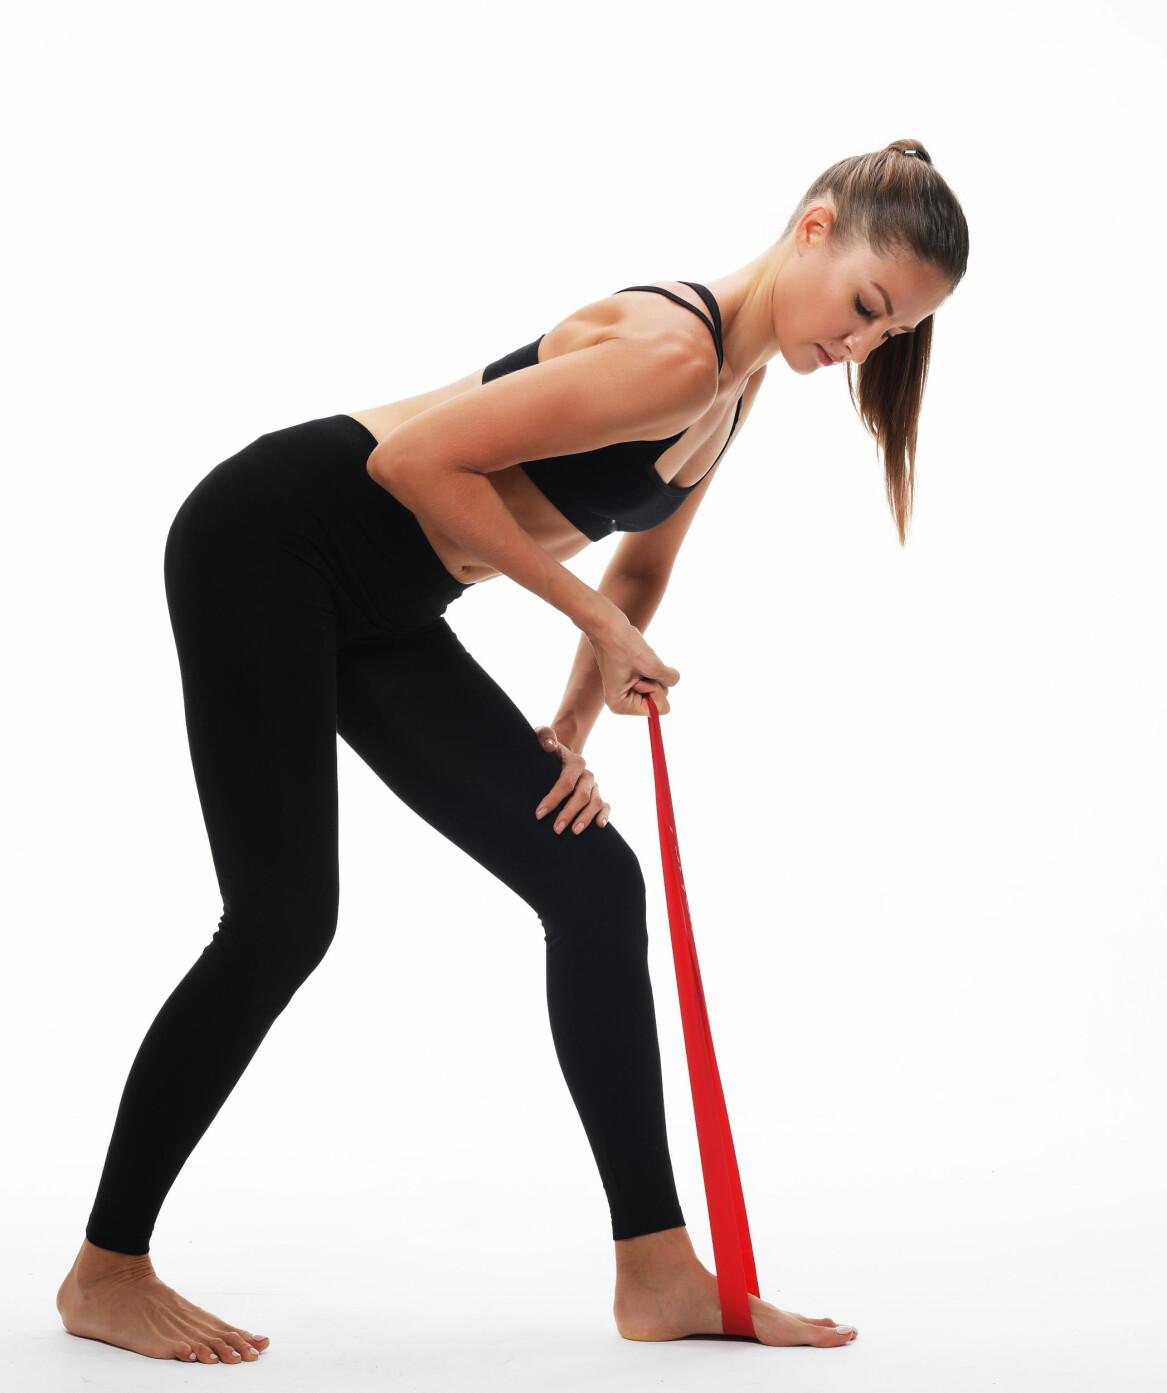 Kvinna tränar kroppen med gummiband.